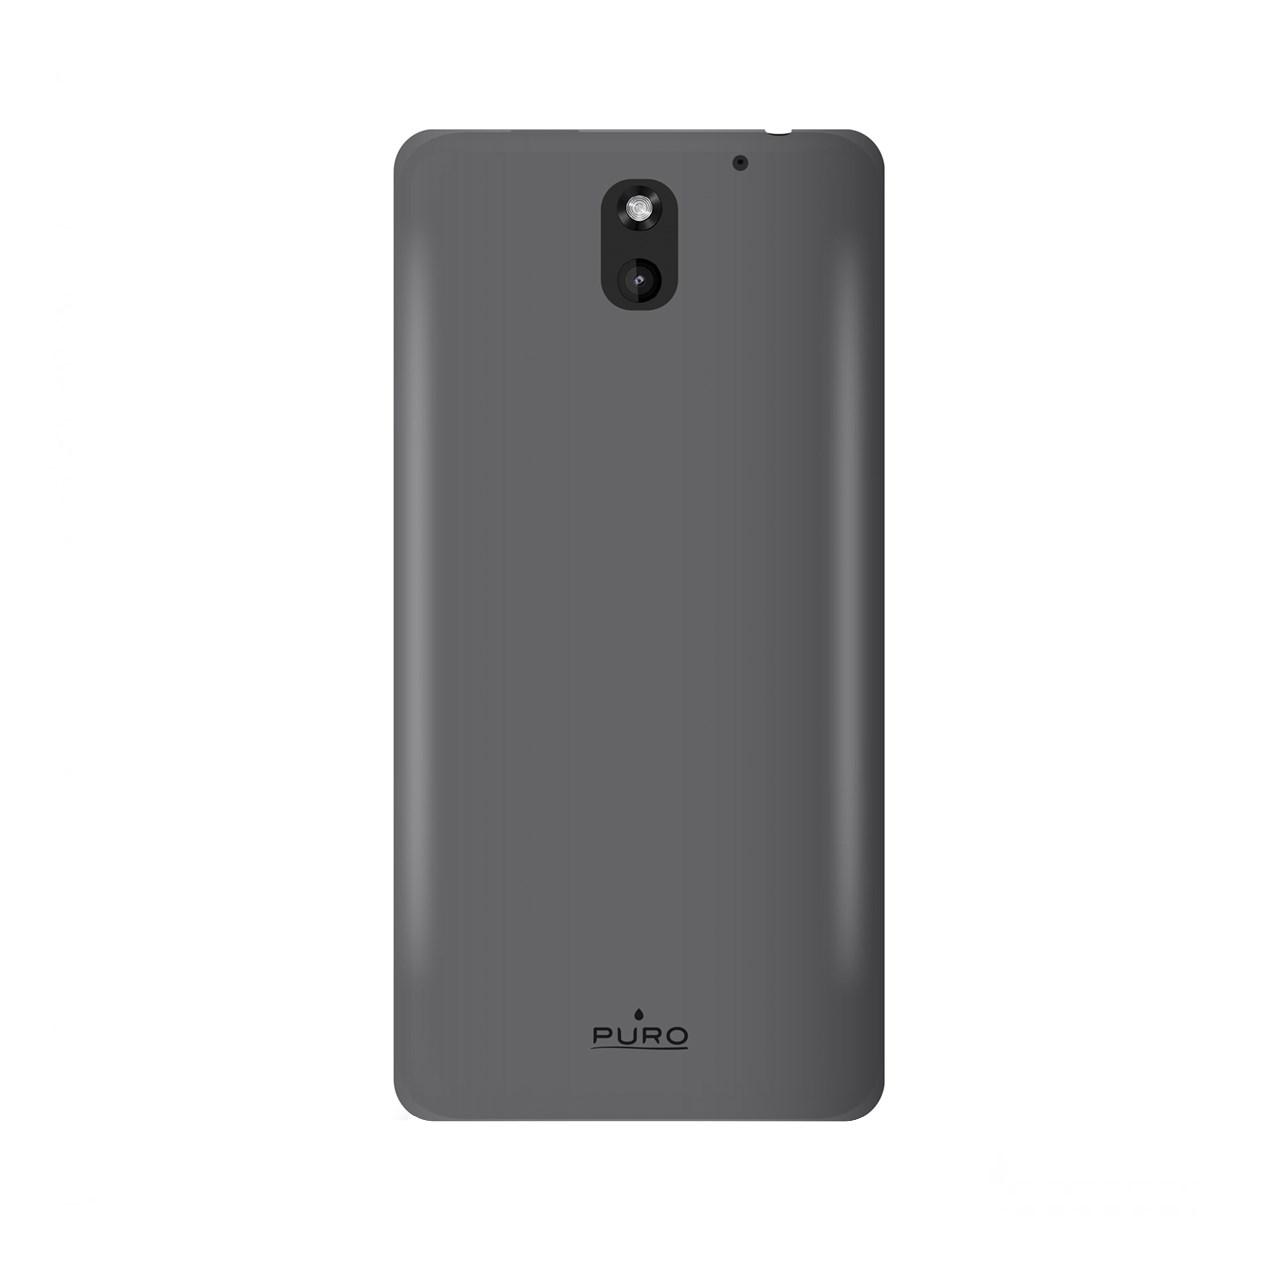 کاور پورو مدل HTCDESIRE610Sمناسب برای گوشی موبایل اچ تی سی DESIRE 610